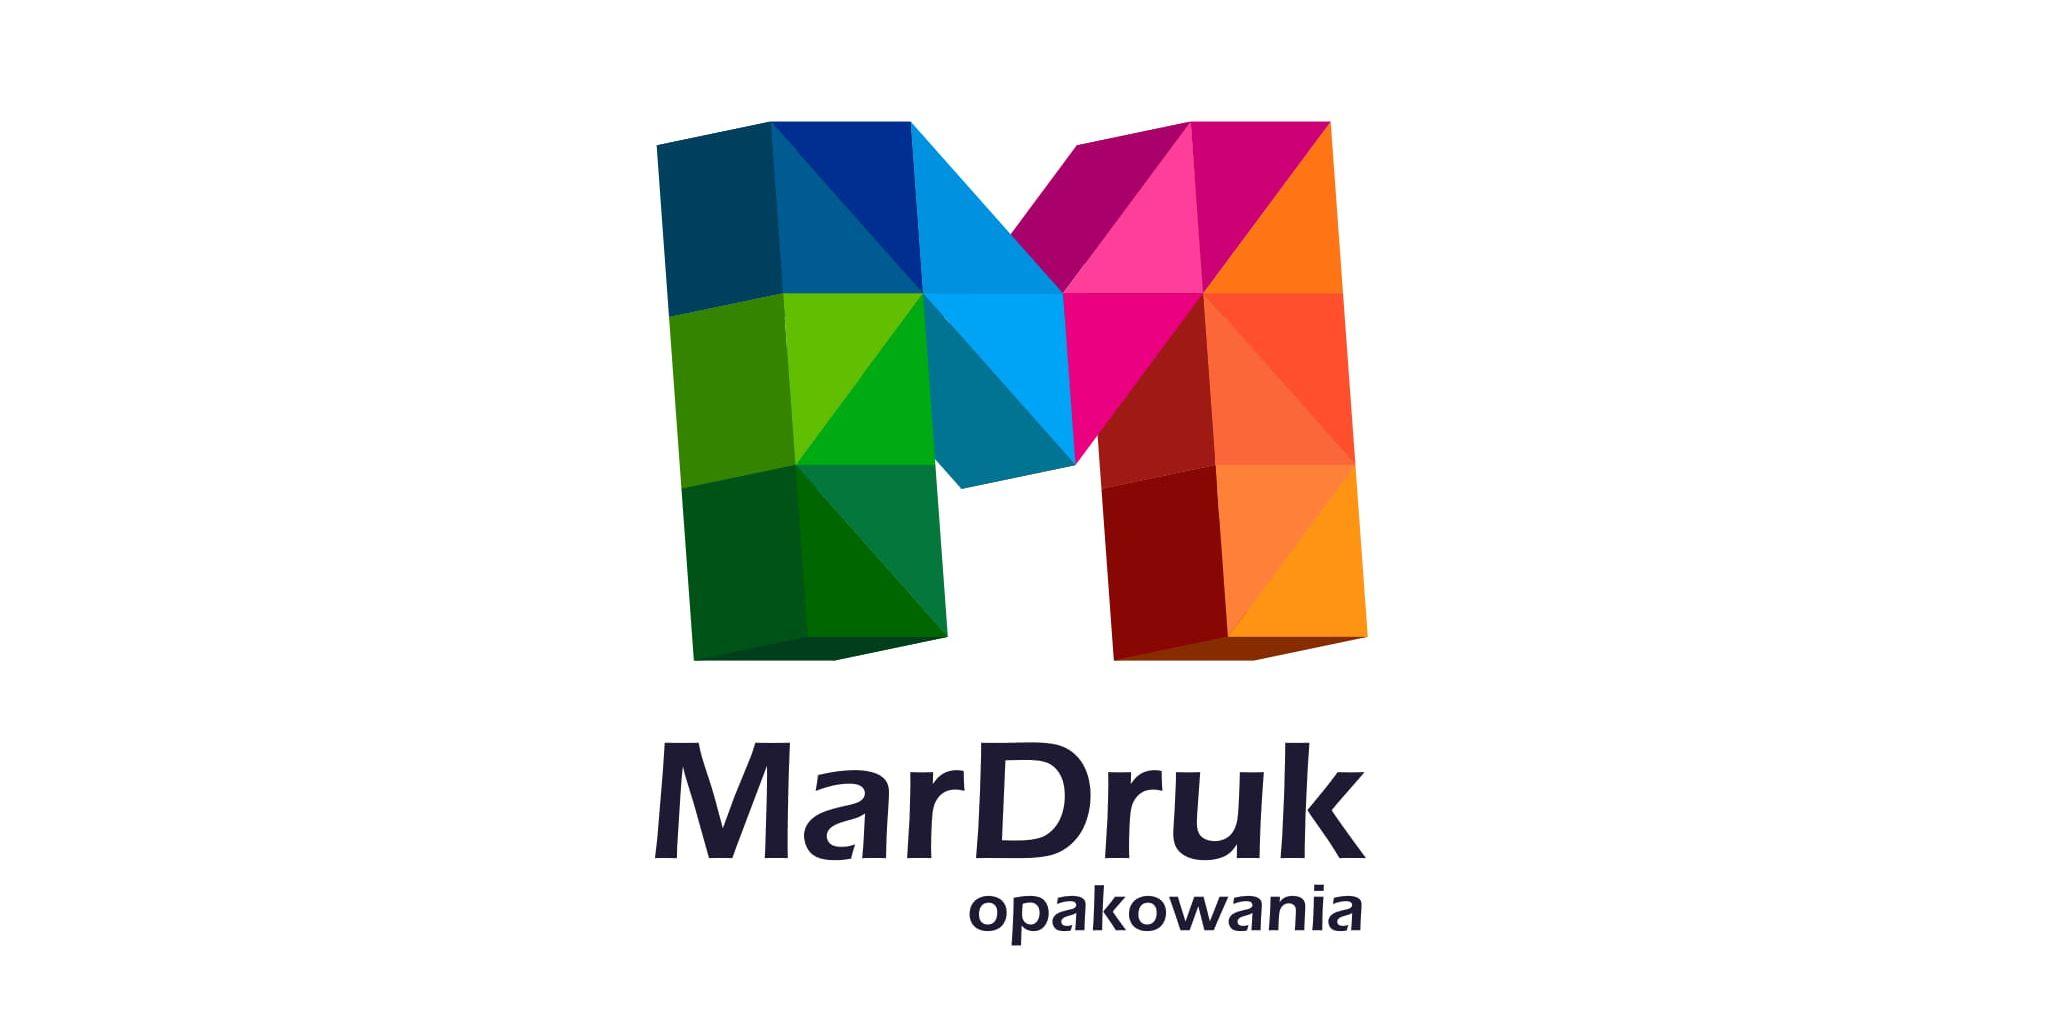 Drukarnia Fleksograficzna MarDruk Opakowania zatrudni na stanowisko Operator Maszyn Produkcyjnych